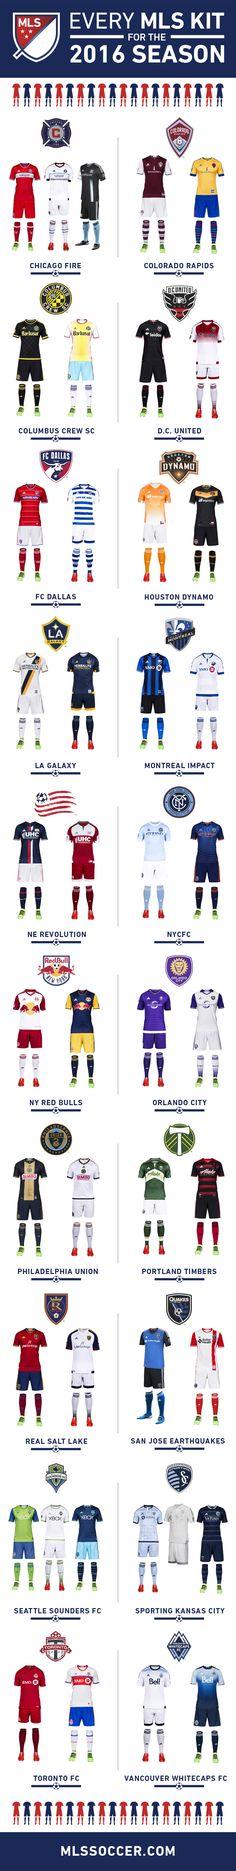 Here's every MLS kit for the 2016 season | MLSsoccer.com